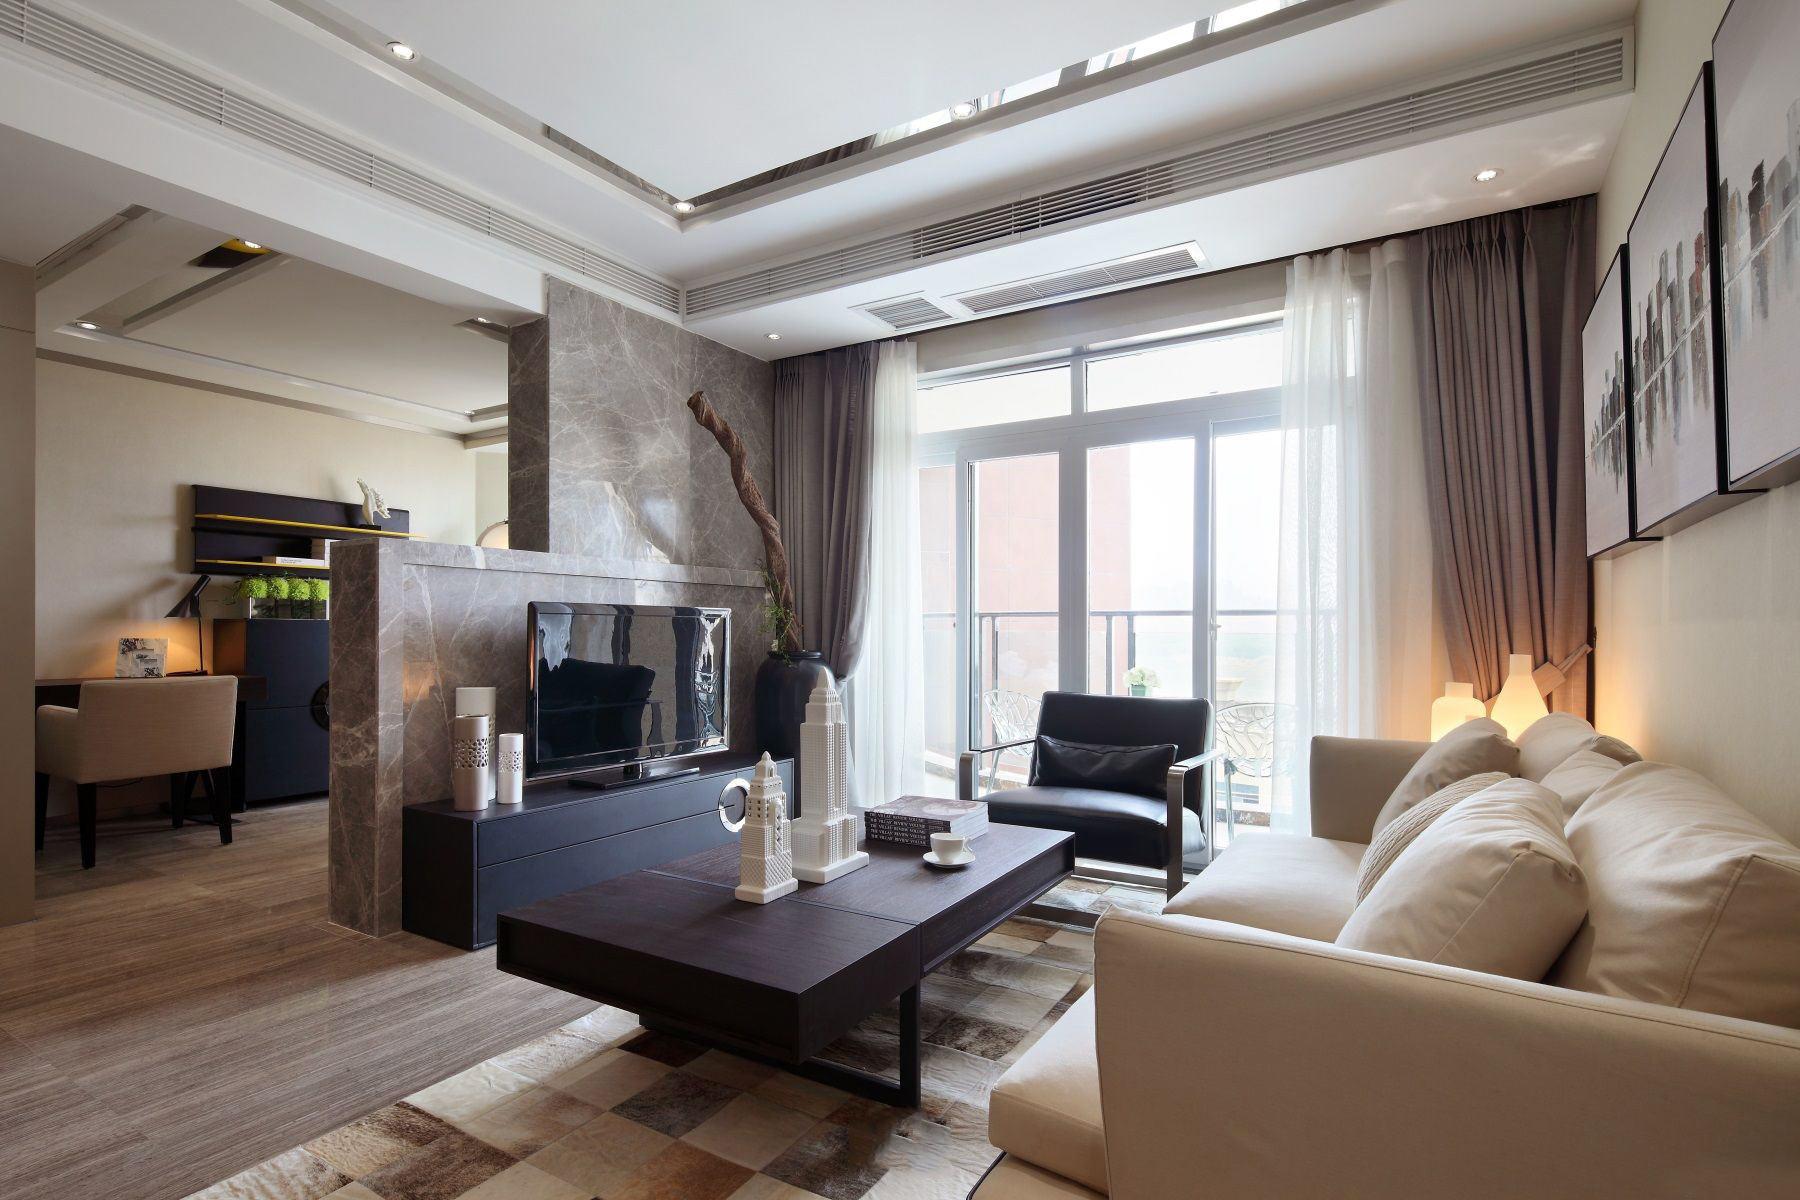 时尚现代设计 三室两厅装修图片